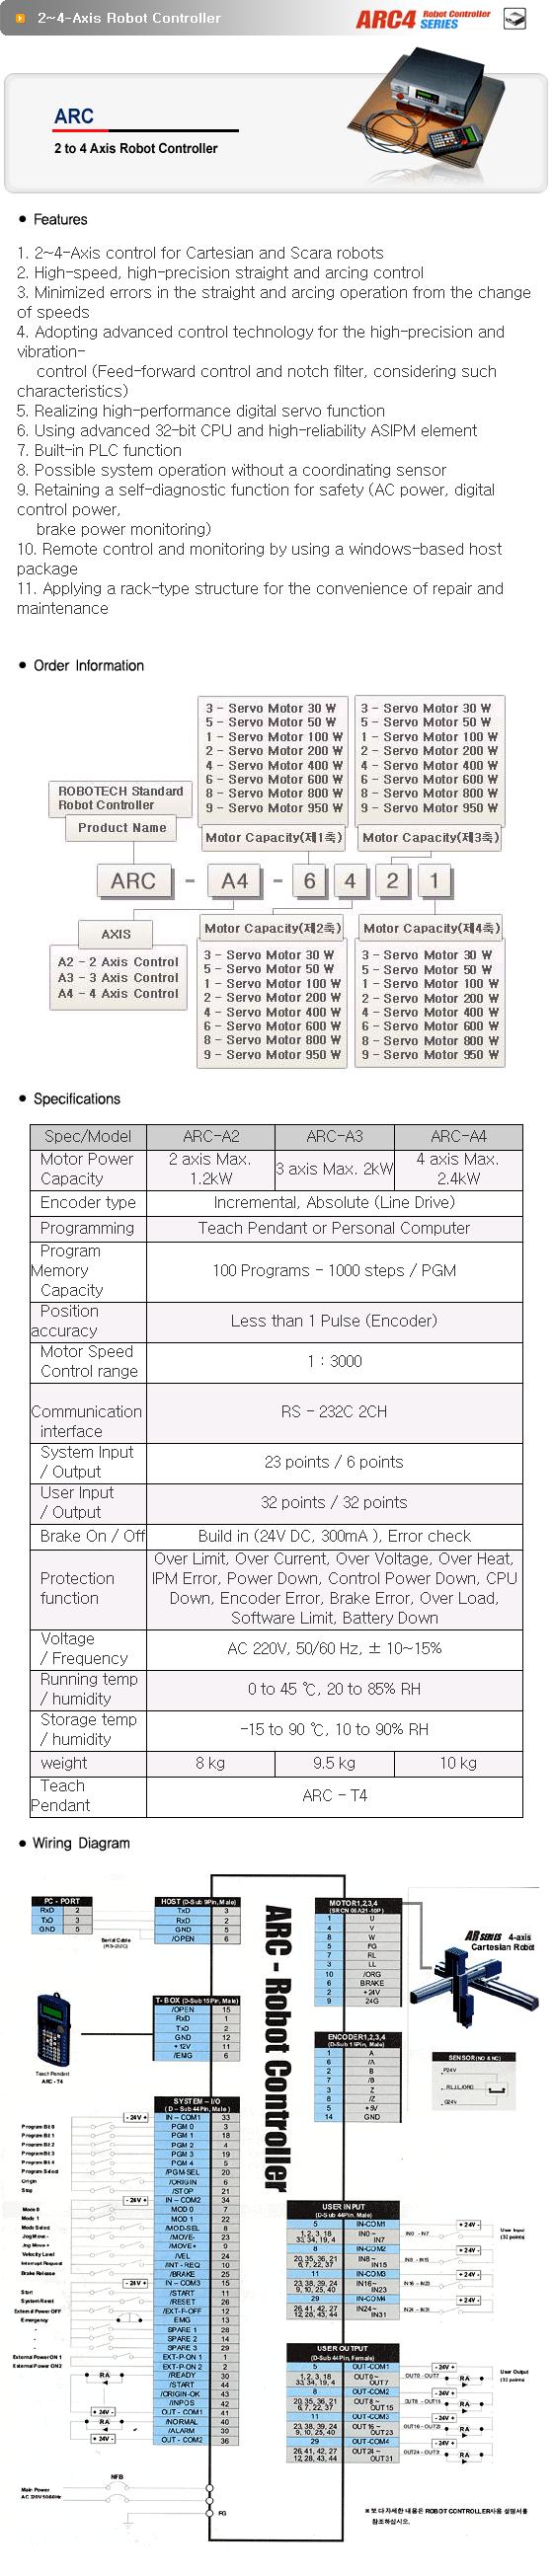 ROBOTECH Robot Controller ARC-A1/A4 1